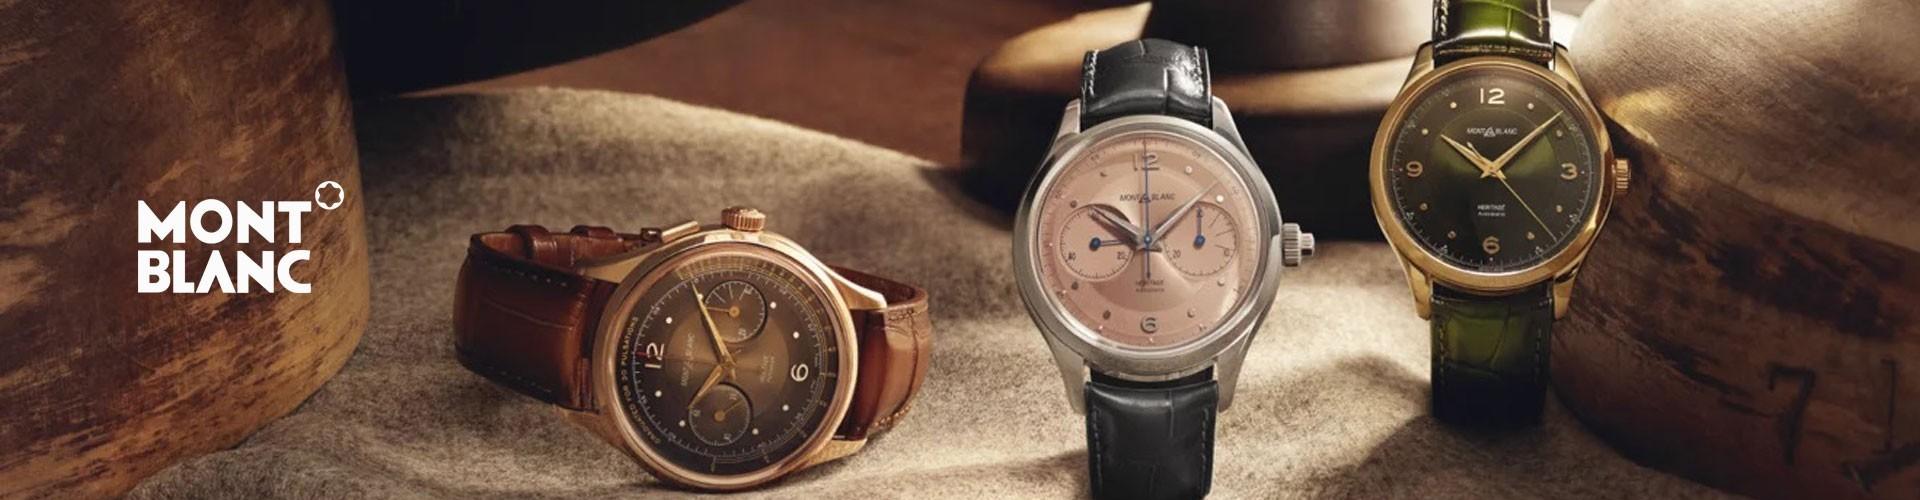 Montres Montblanc : Découvrez toutes les montres Montblanc sur Ben Jannet